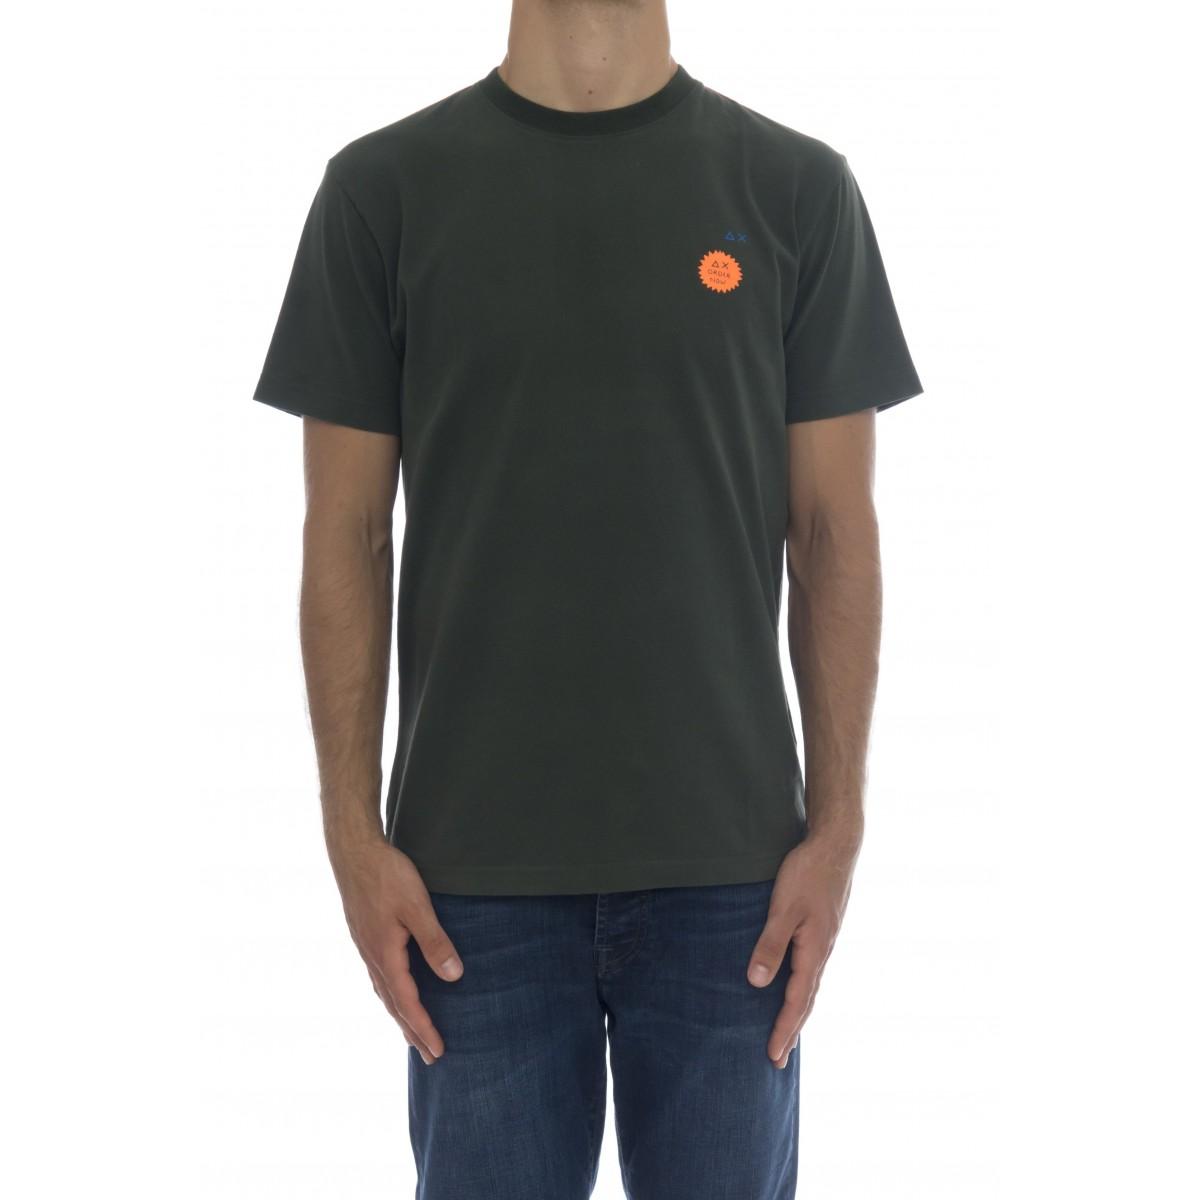 T-shirt - Cpt40121 t-shirt